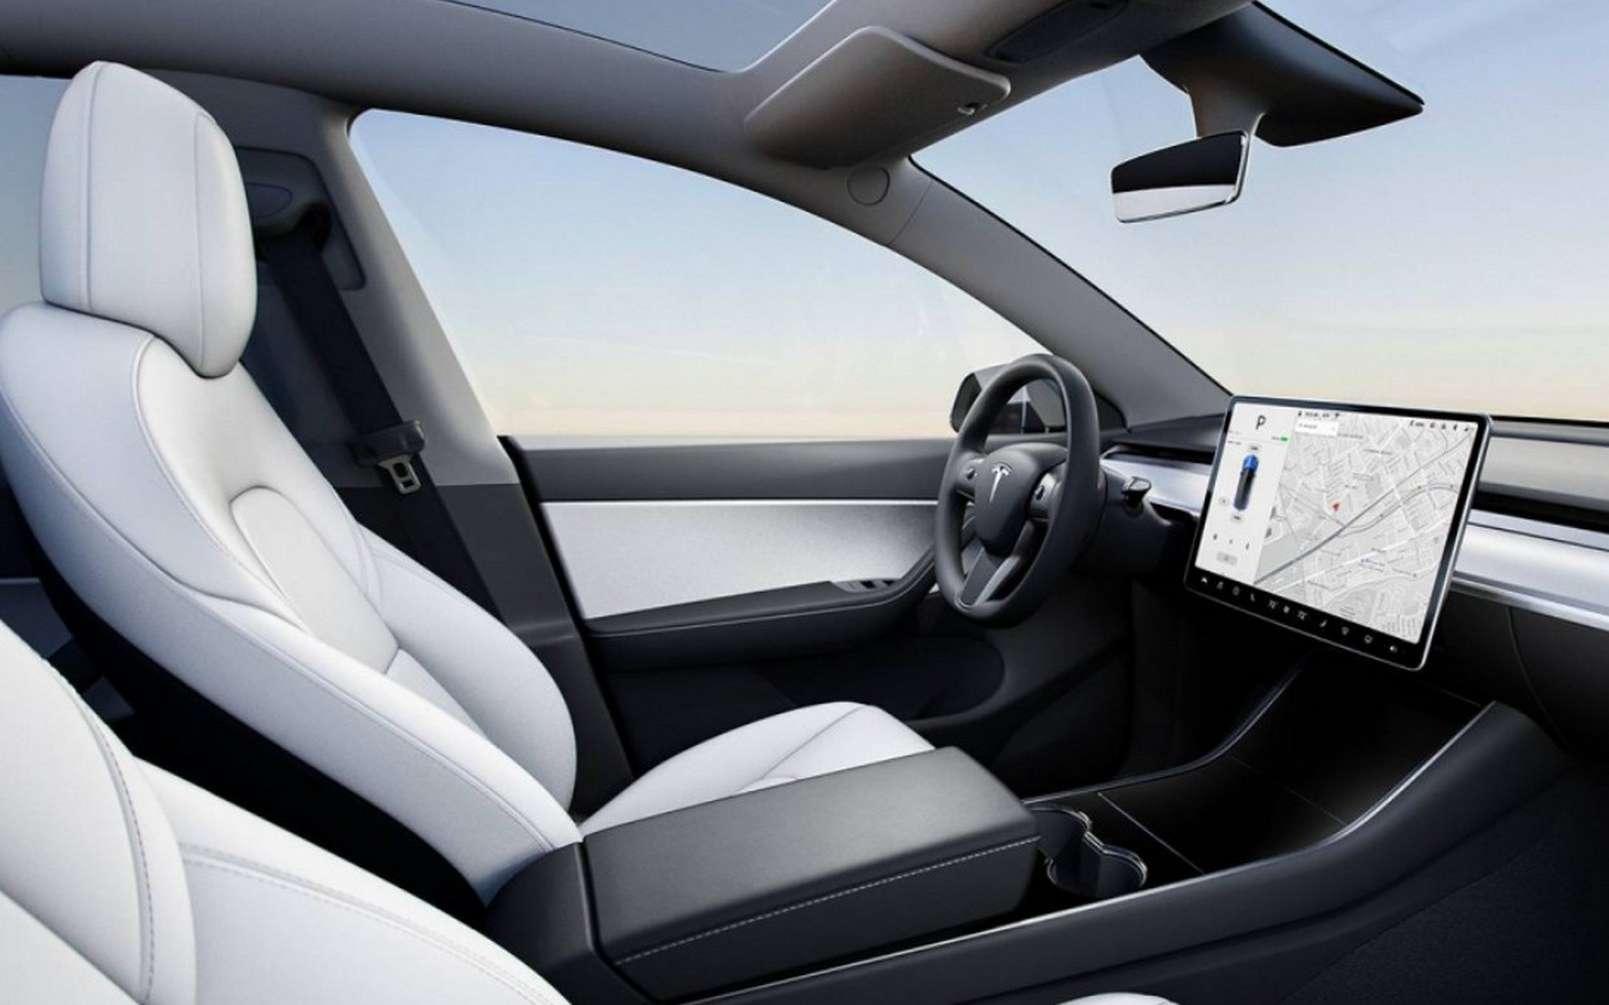 Les Tesla Model 3 et Model Y sont équipées d'une caméra intégrée au rétroviseur intérieur. Elle était initialement destinée à la future flotte de taxis autonomes évoquée par Elon Musk en 2016. © Tesla